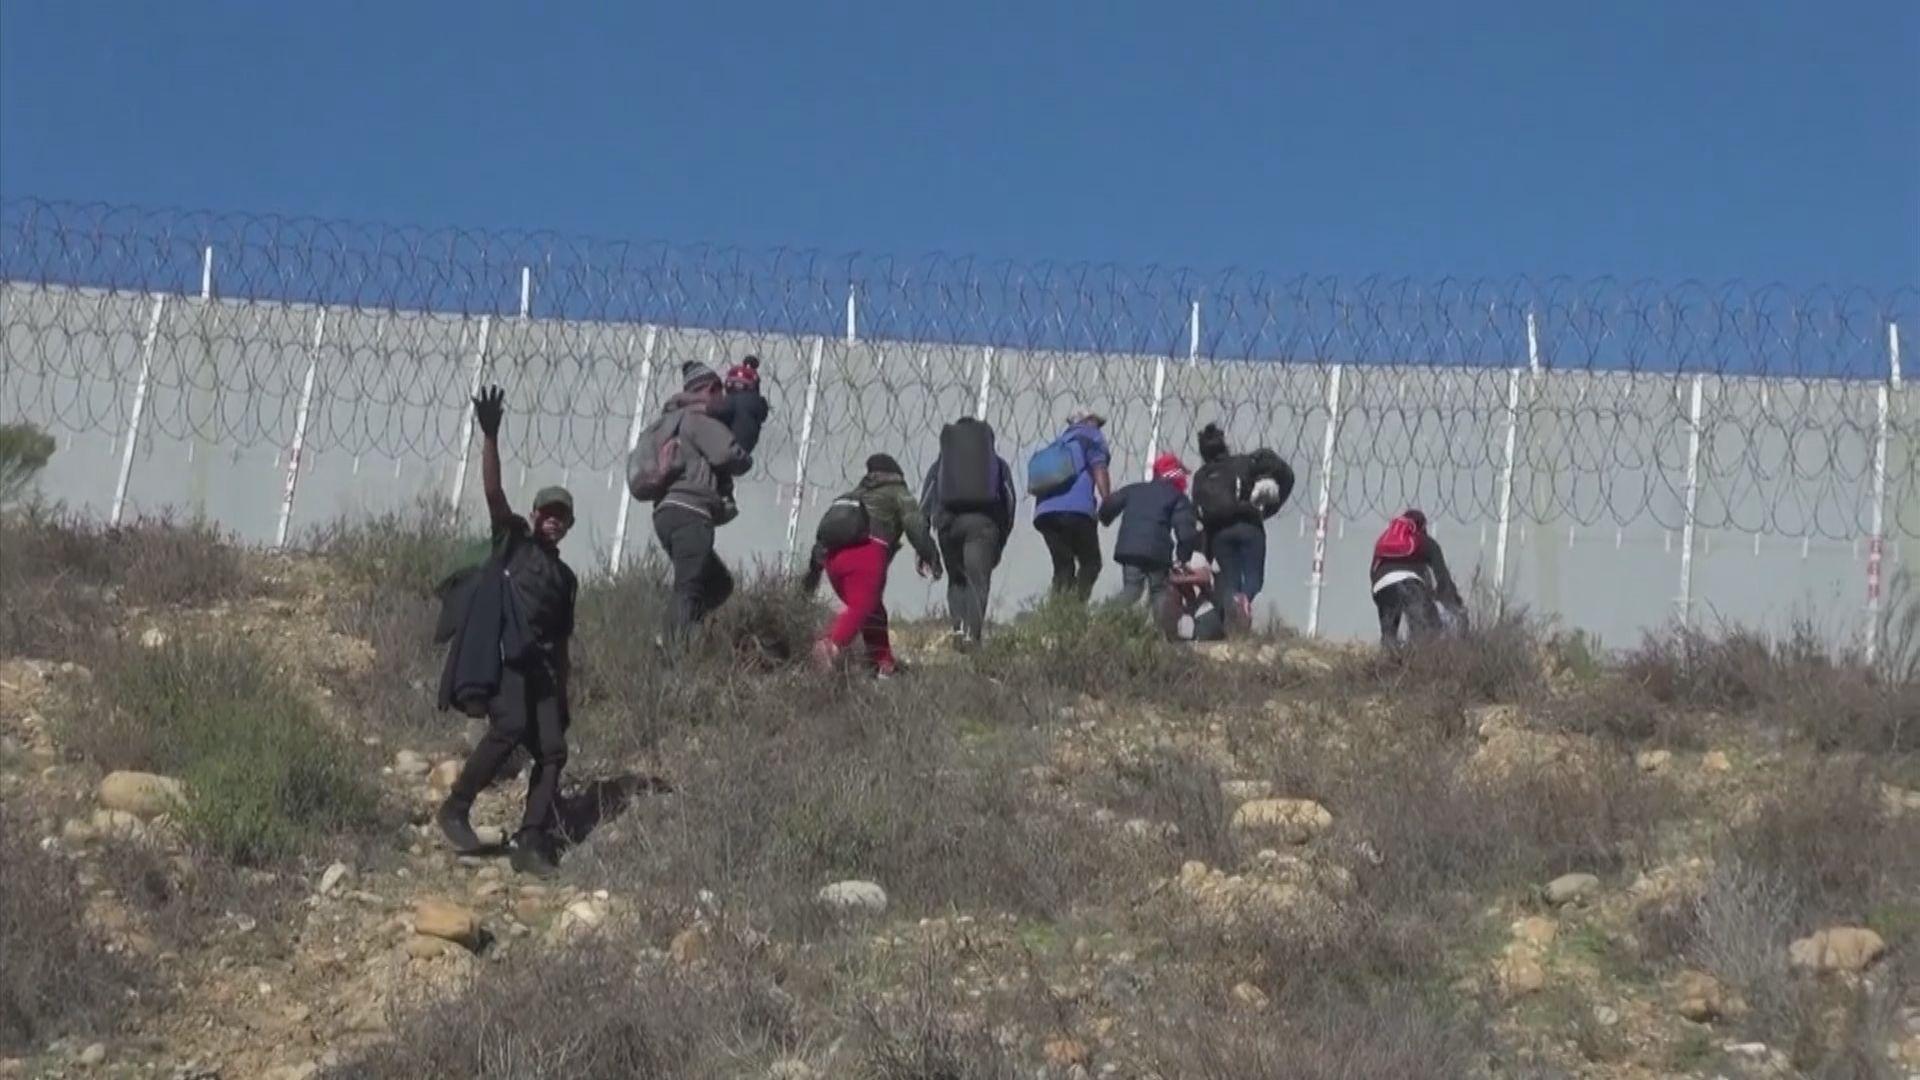 美國民主共和兩黨就邊境安全撥款達成協議